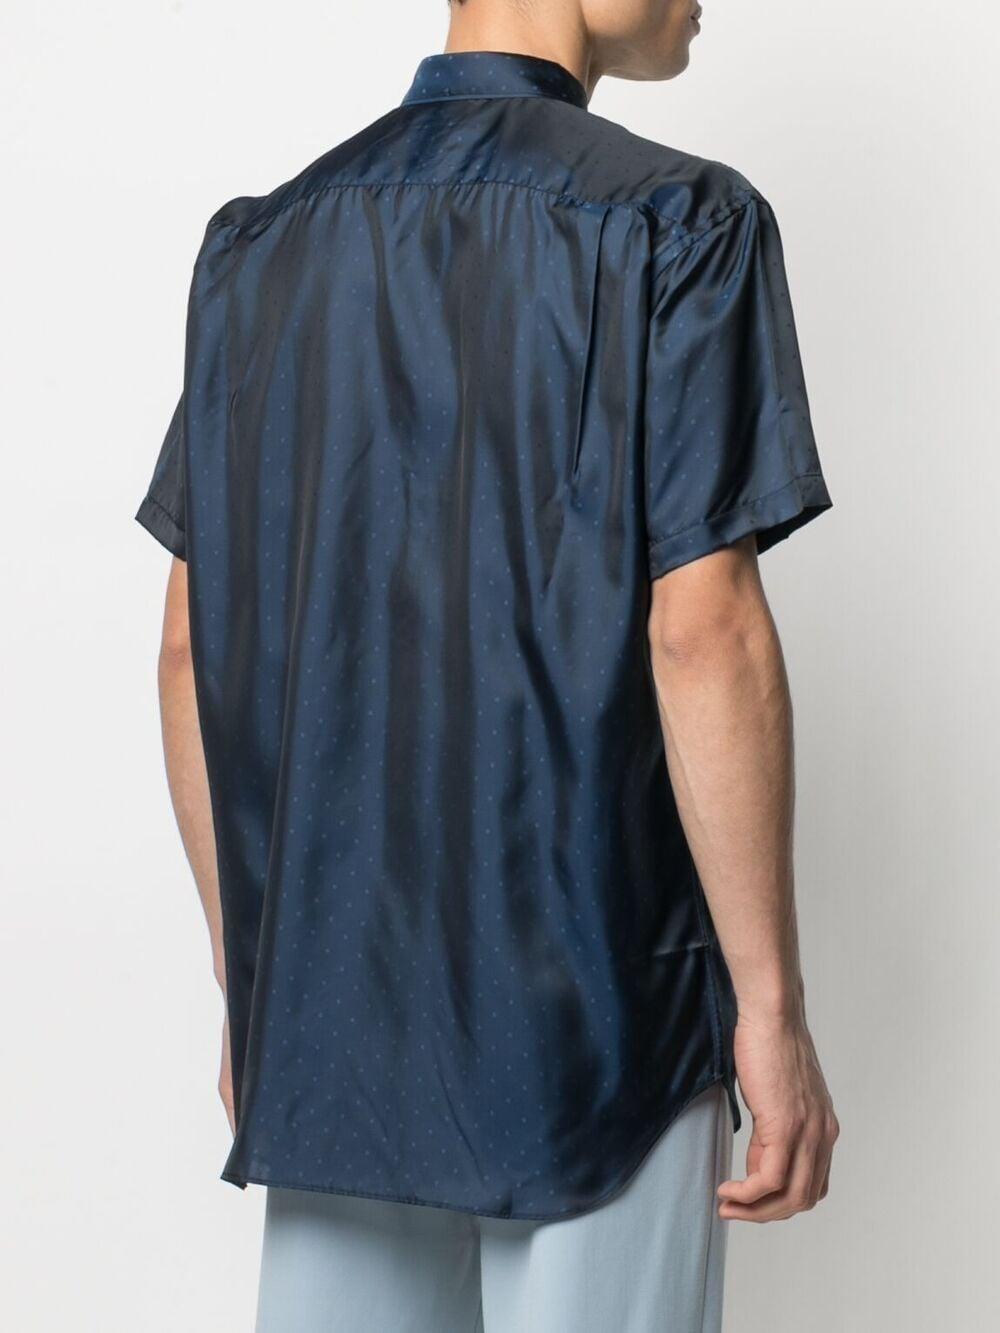 Comme Des Garçons camicia con stampa a pois uomo COMME DES GARÇONS SHIRT | Camicie | FG-B078BLUE